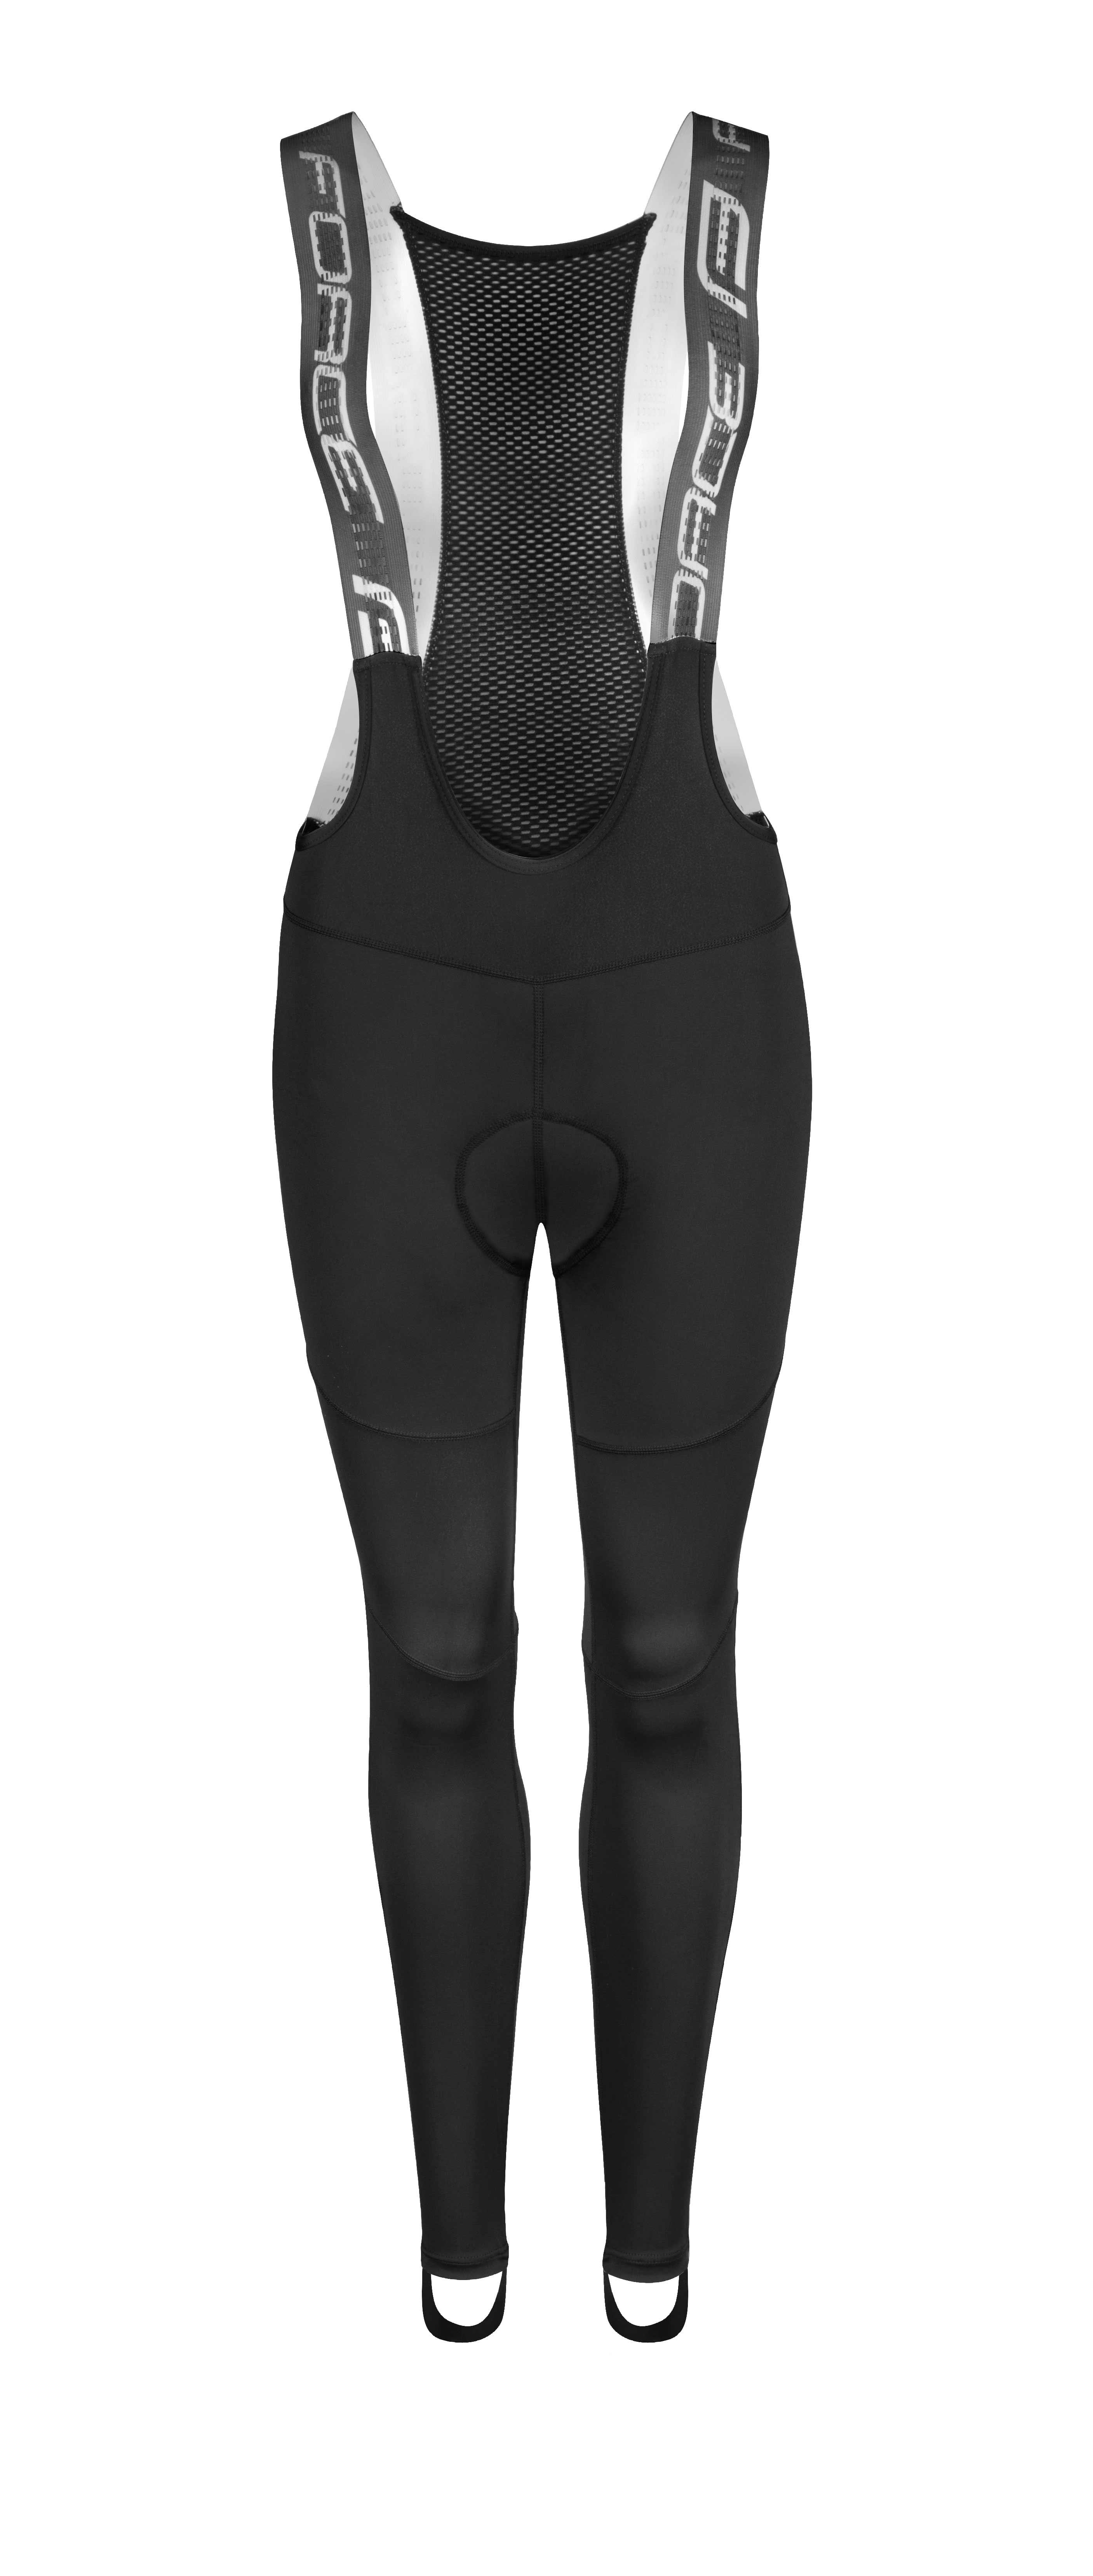 kalhoty F SPRING LADY se šráky a vl, černé XS